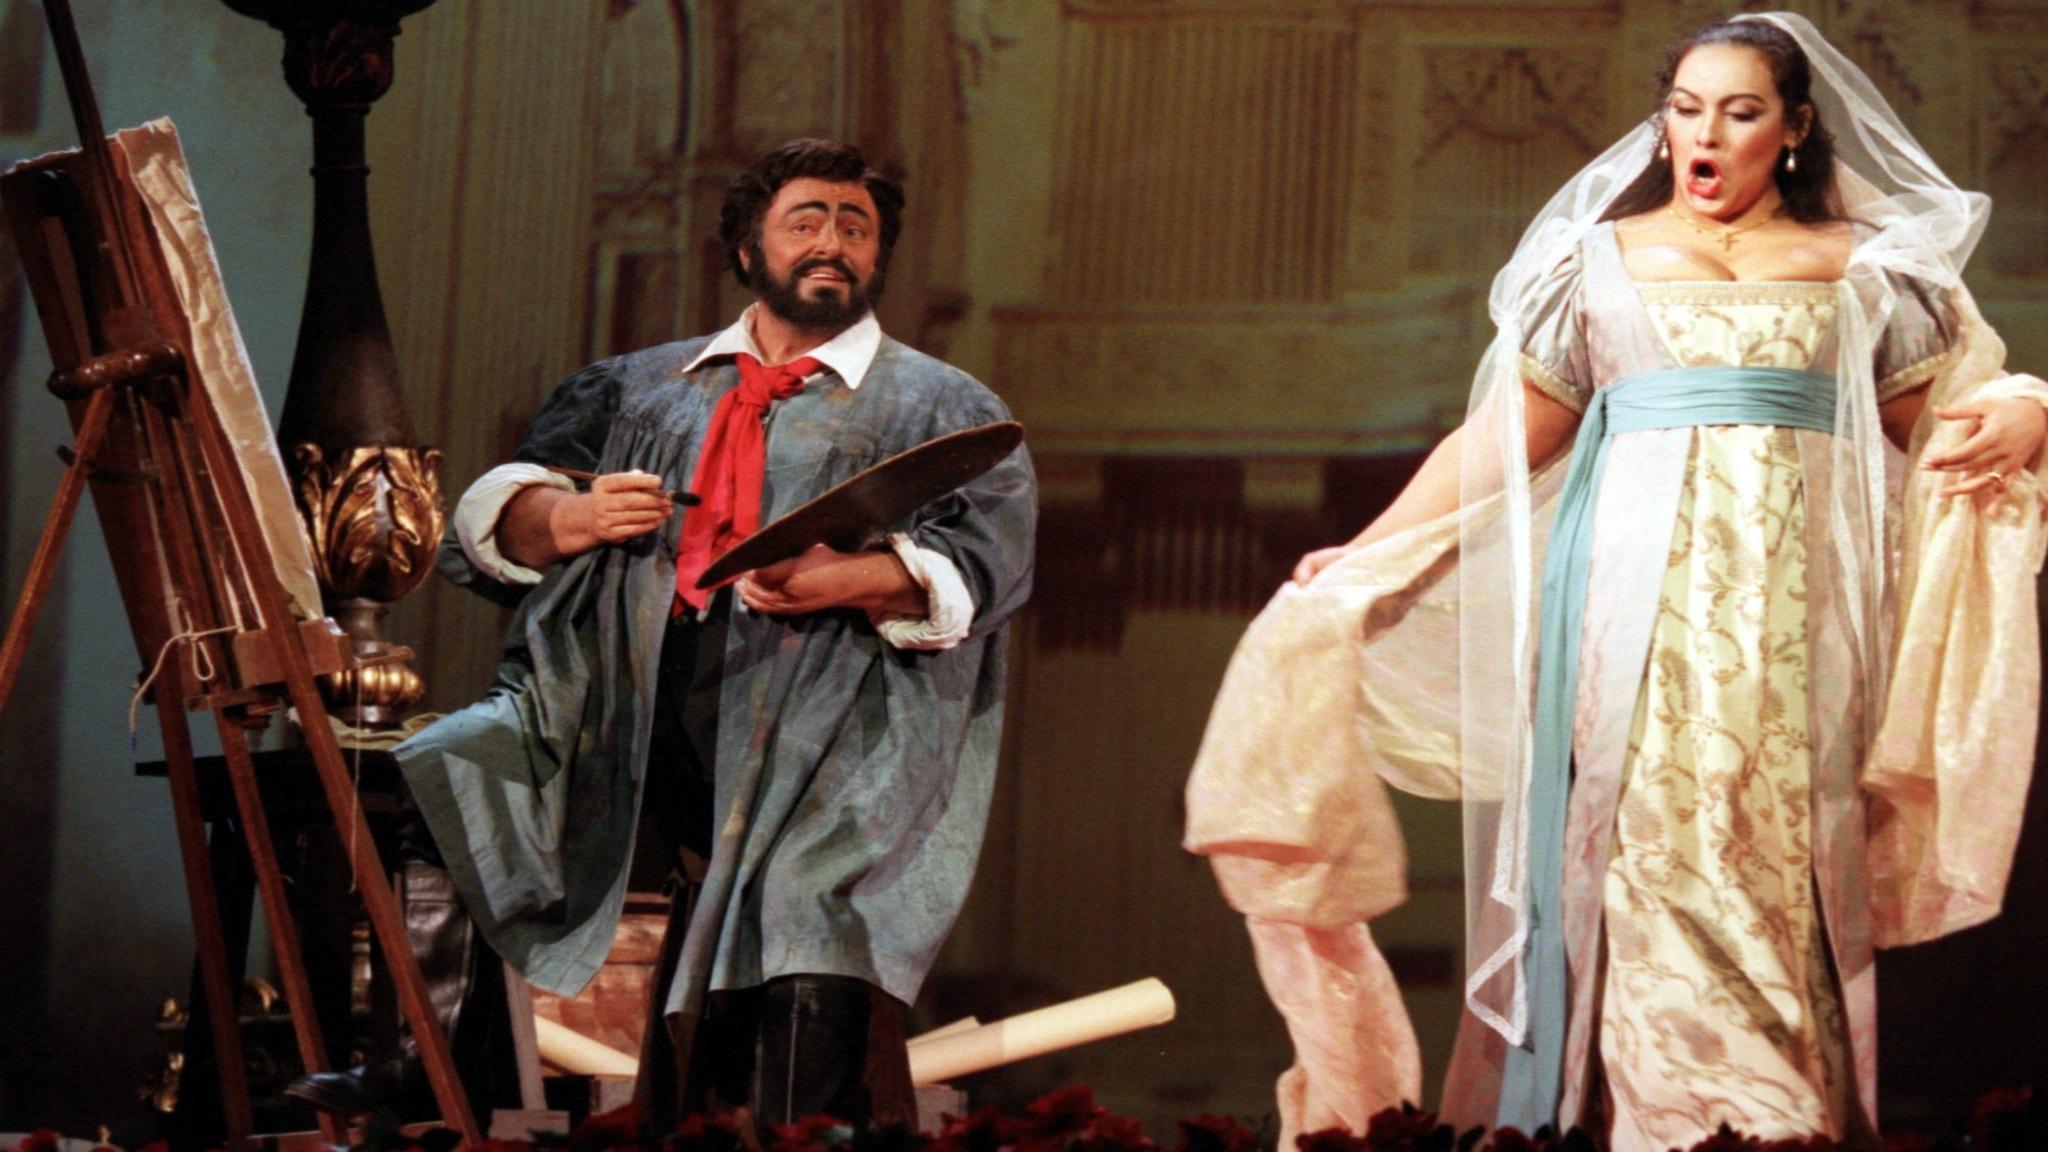 Tosca - kärlek, våldtäkt och mord under ett dramatiskt dygn i Rom